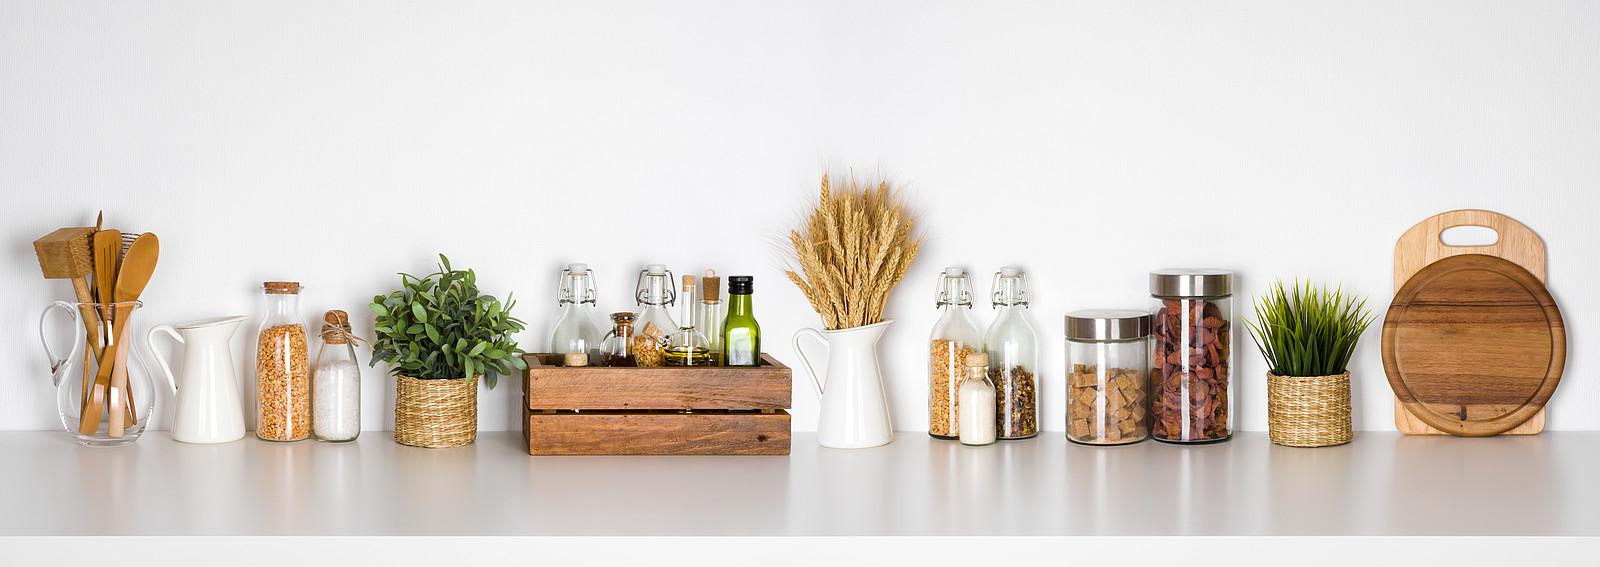 Full Size of Hängeregal Kücheninsel Gewrzaufbewahrung So Lagern Sie Ihre Gewrze Richtig Küche Wohnzimmer Hängeregal Kücheninsel